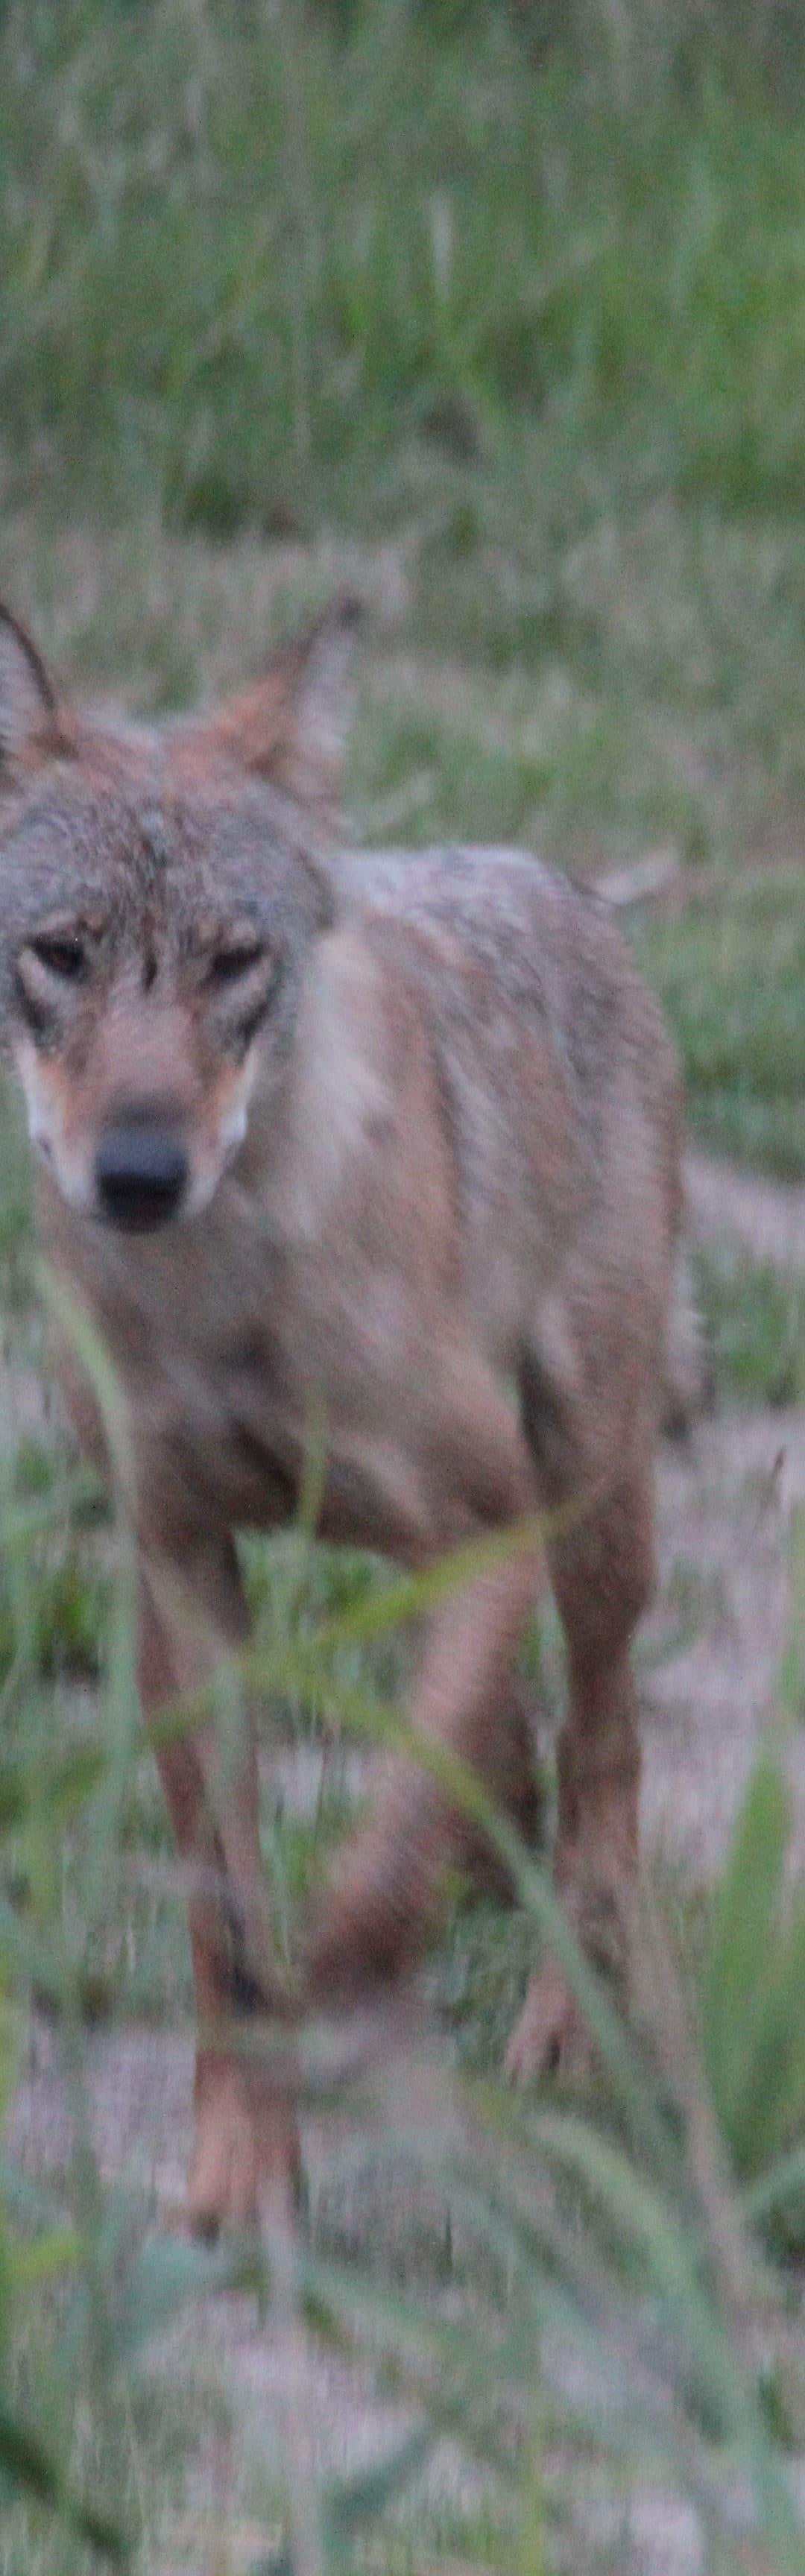 Aktueller Managementplan für Wölfe in Sachsen